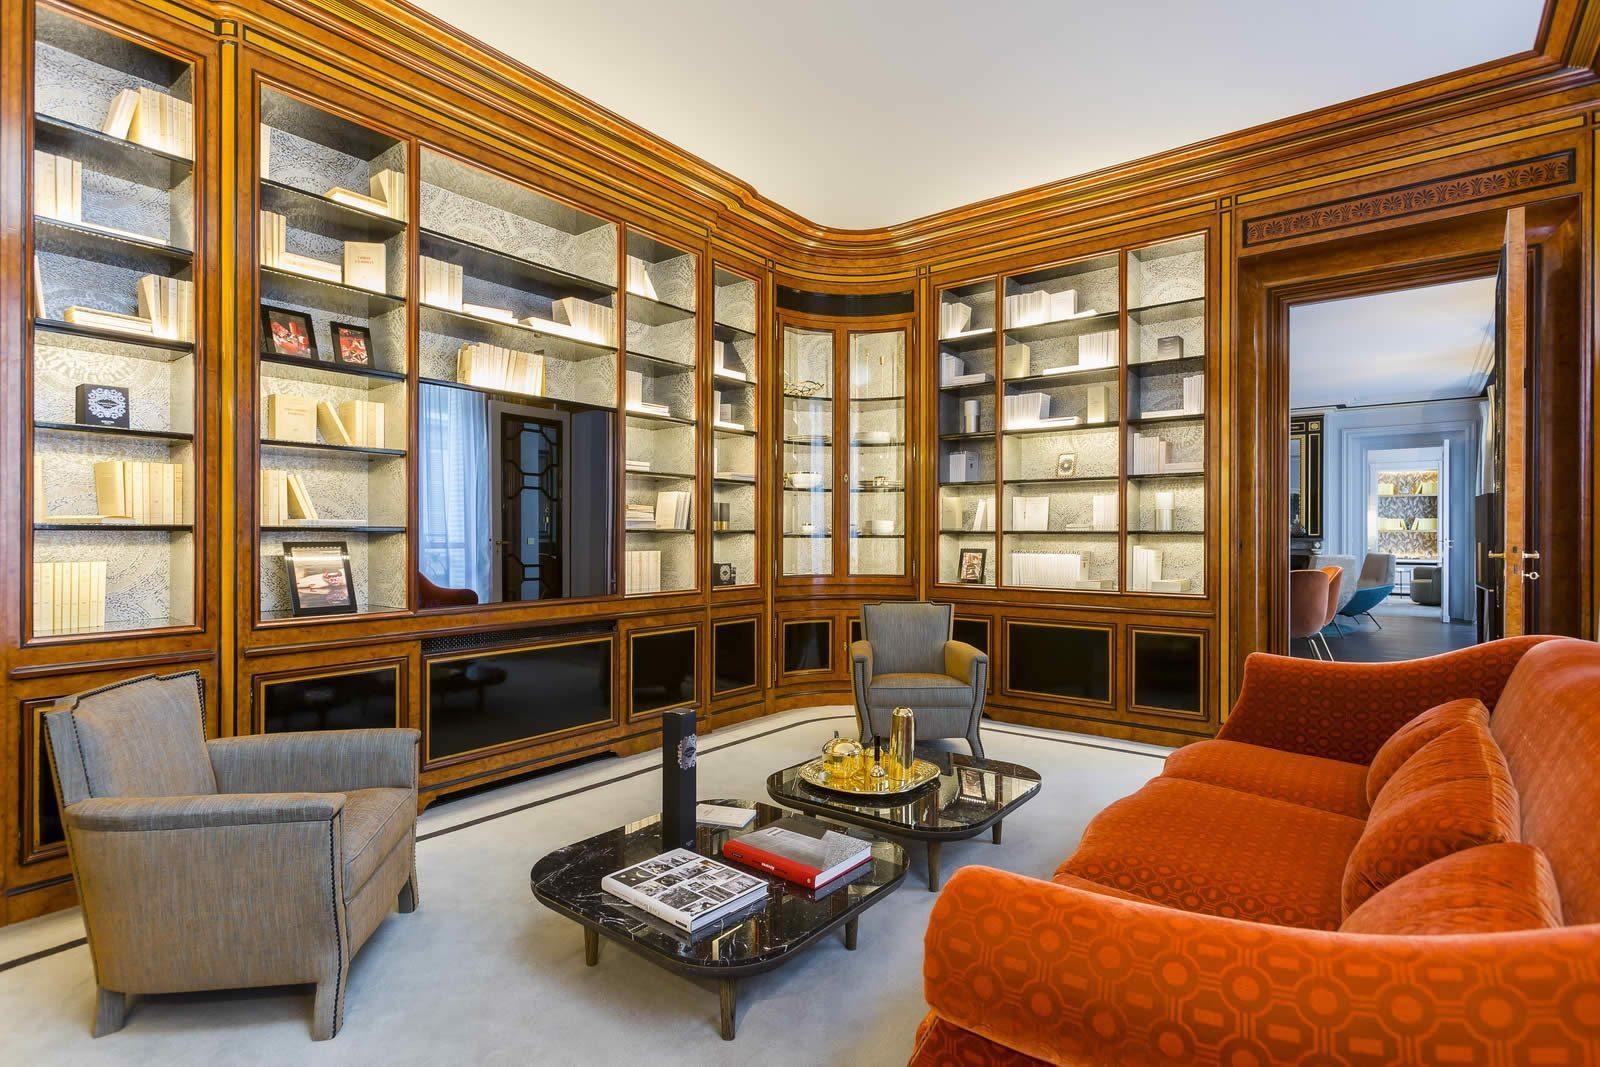 appartement-luxe-decore-gerard-faivre-a-vendre-saint-germain-des-pres-balcon-filant-cheminee-hammam-gardien